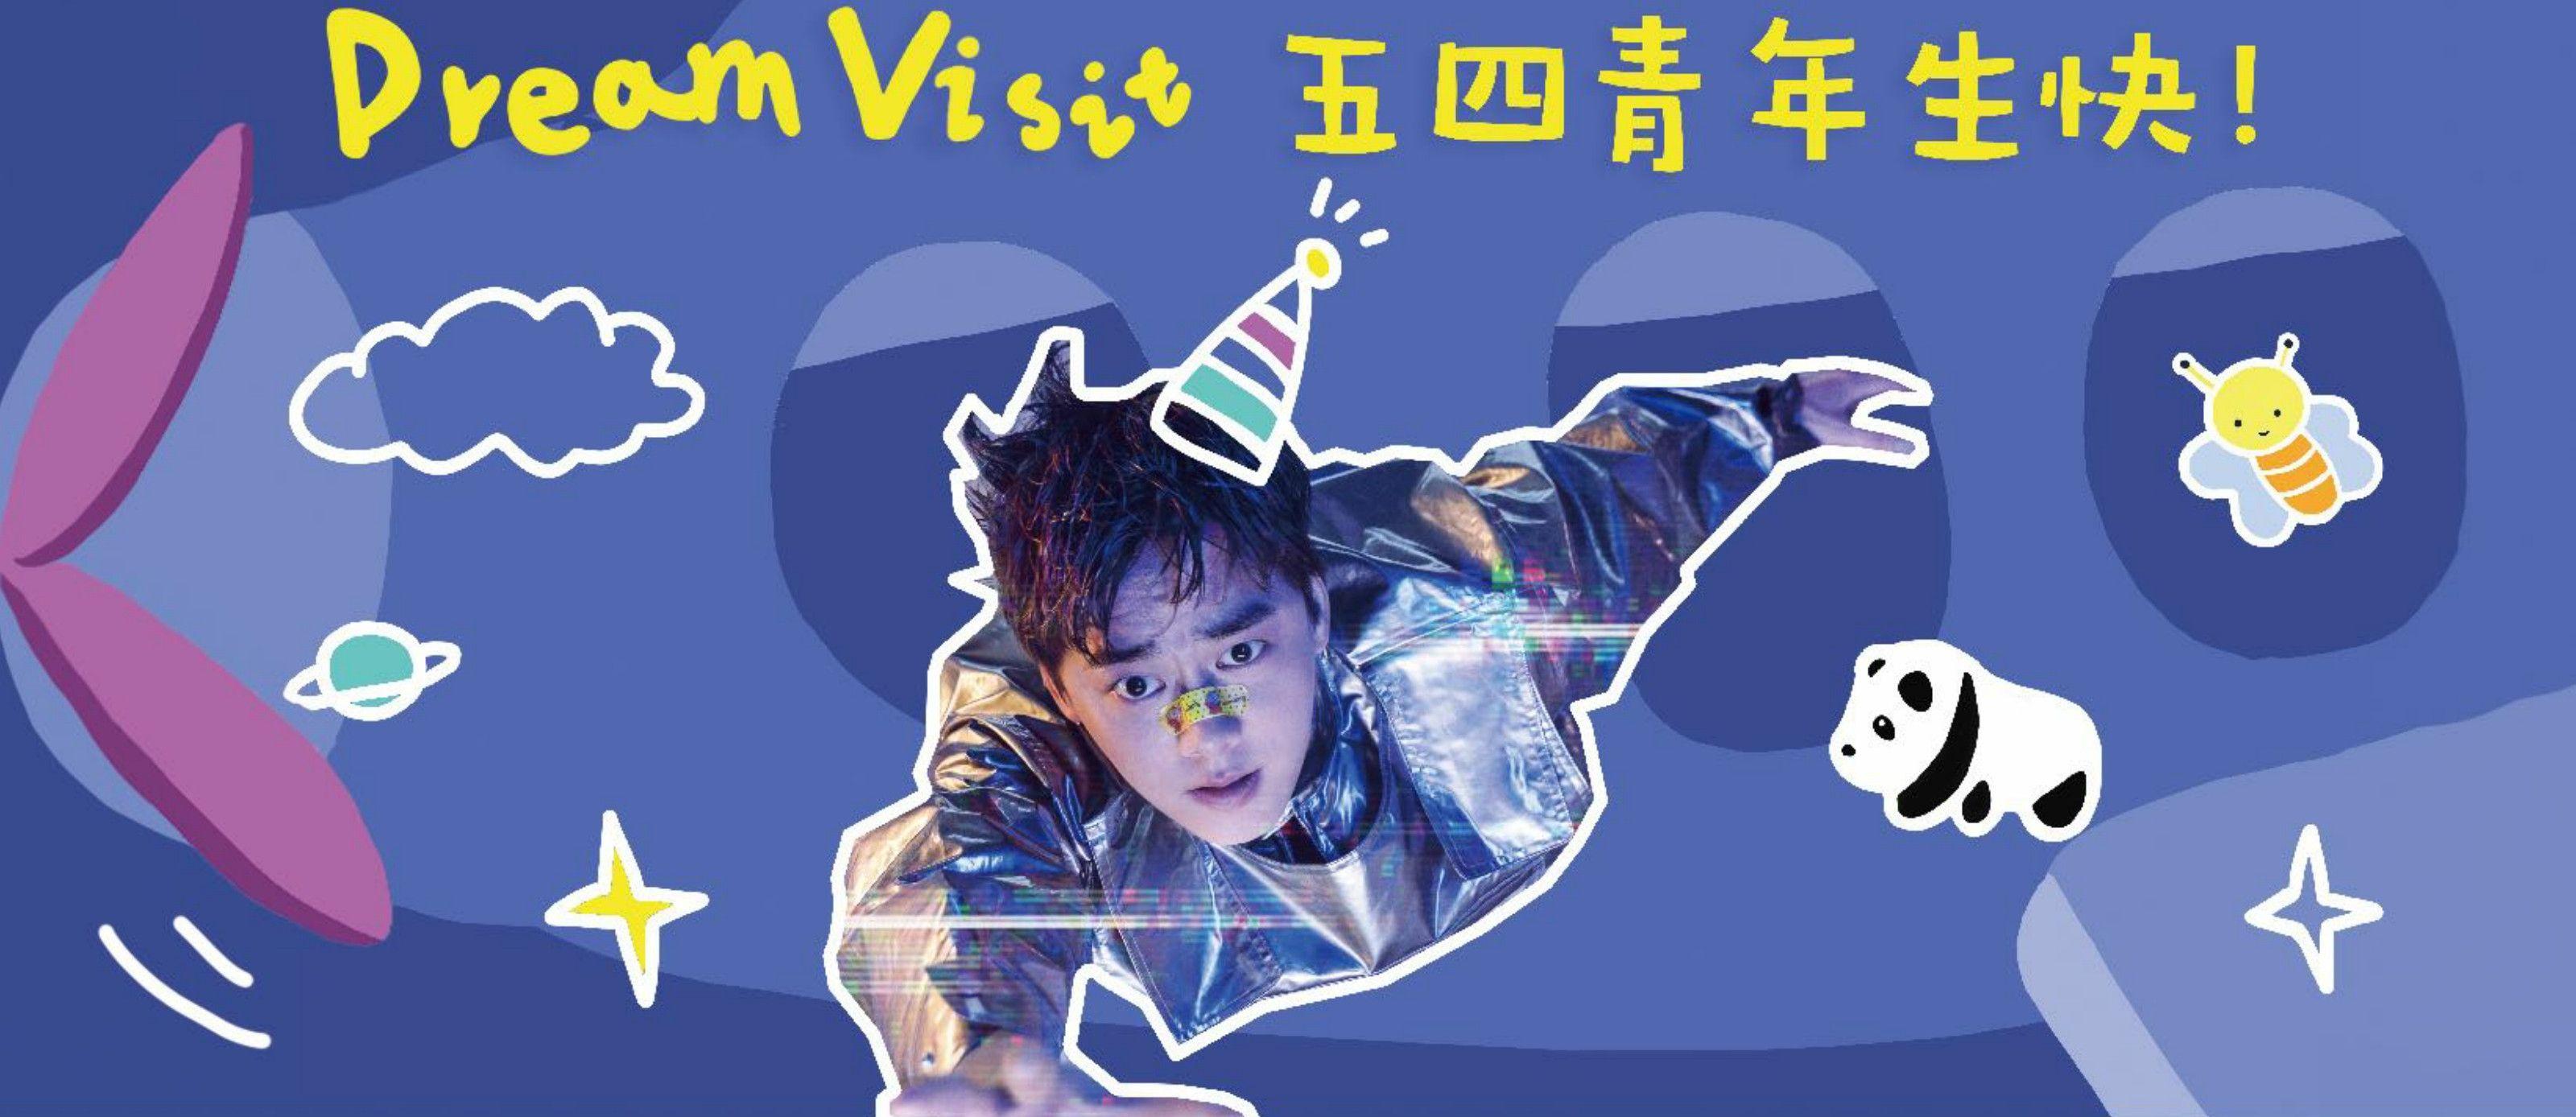 2019民航传播奖候选案例:青年节李易峰生日专机